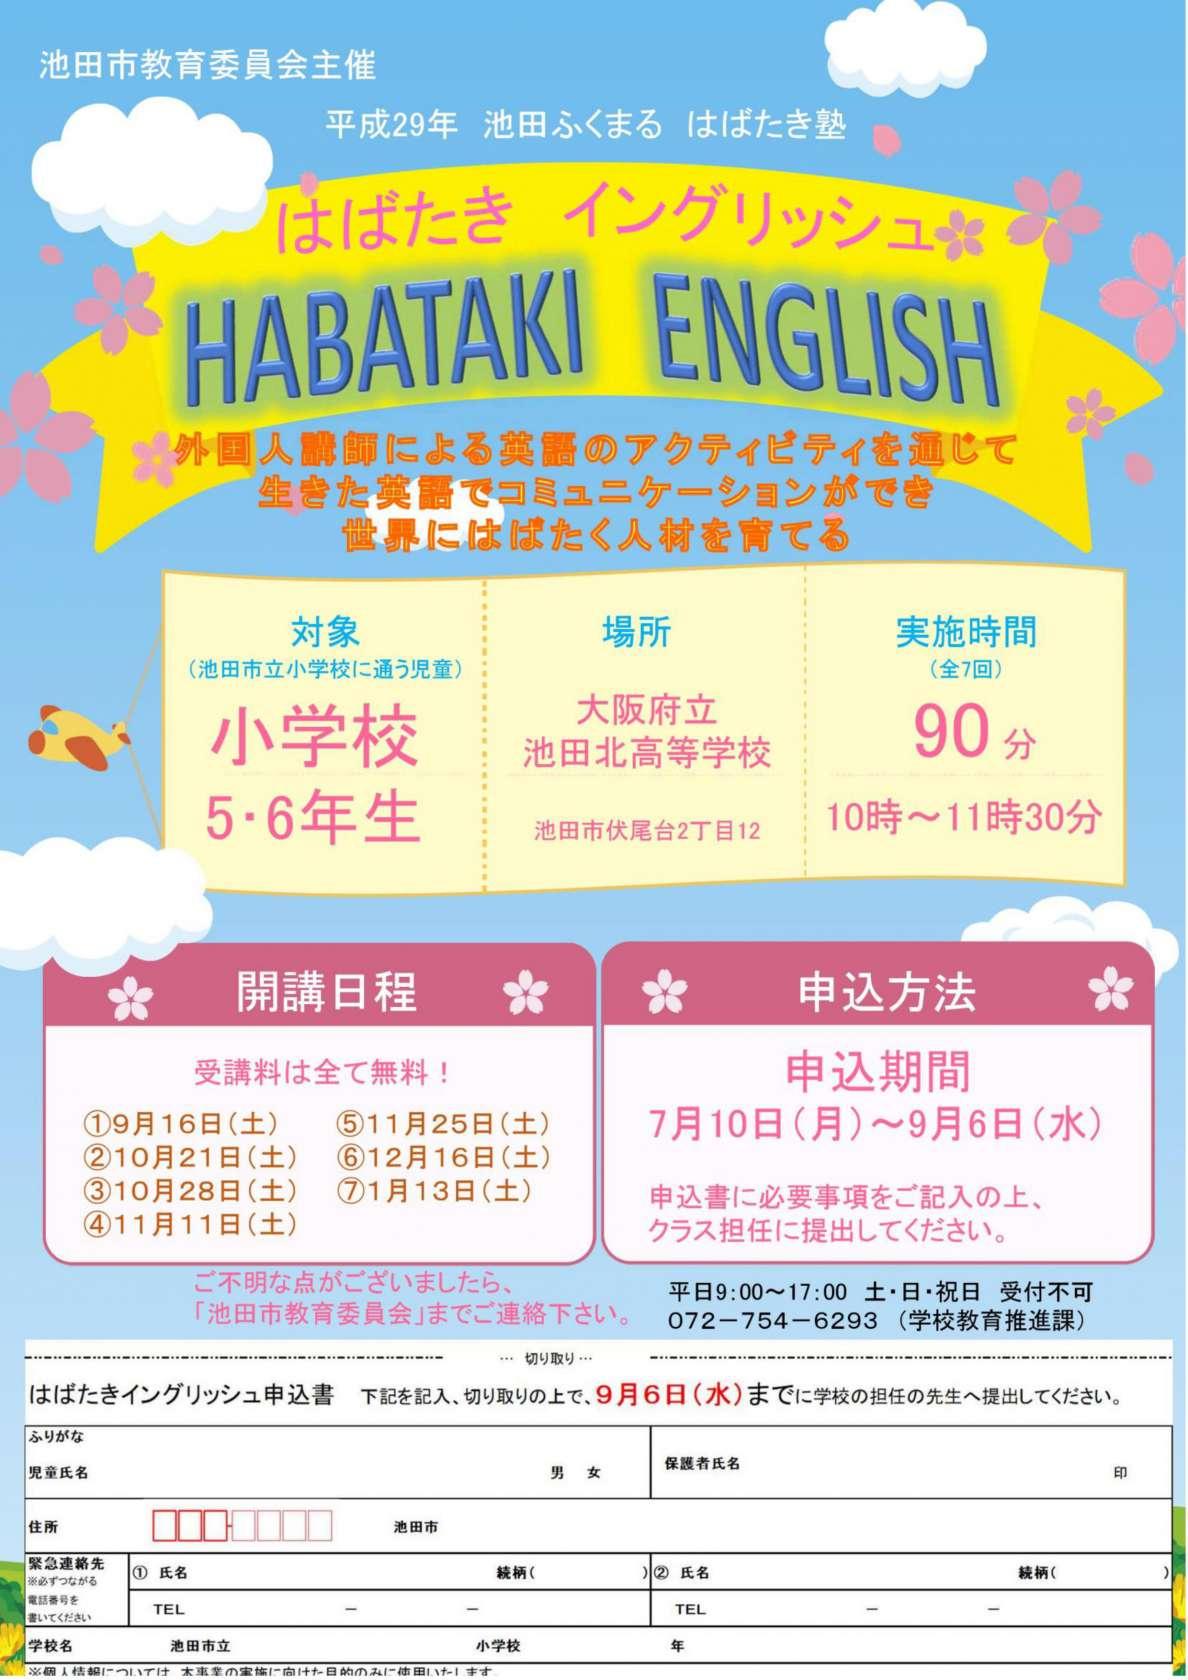 「はばたきイングリッシュ」池田北高校にて開催中!